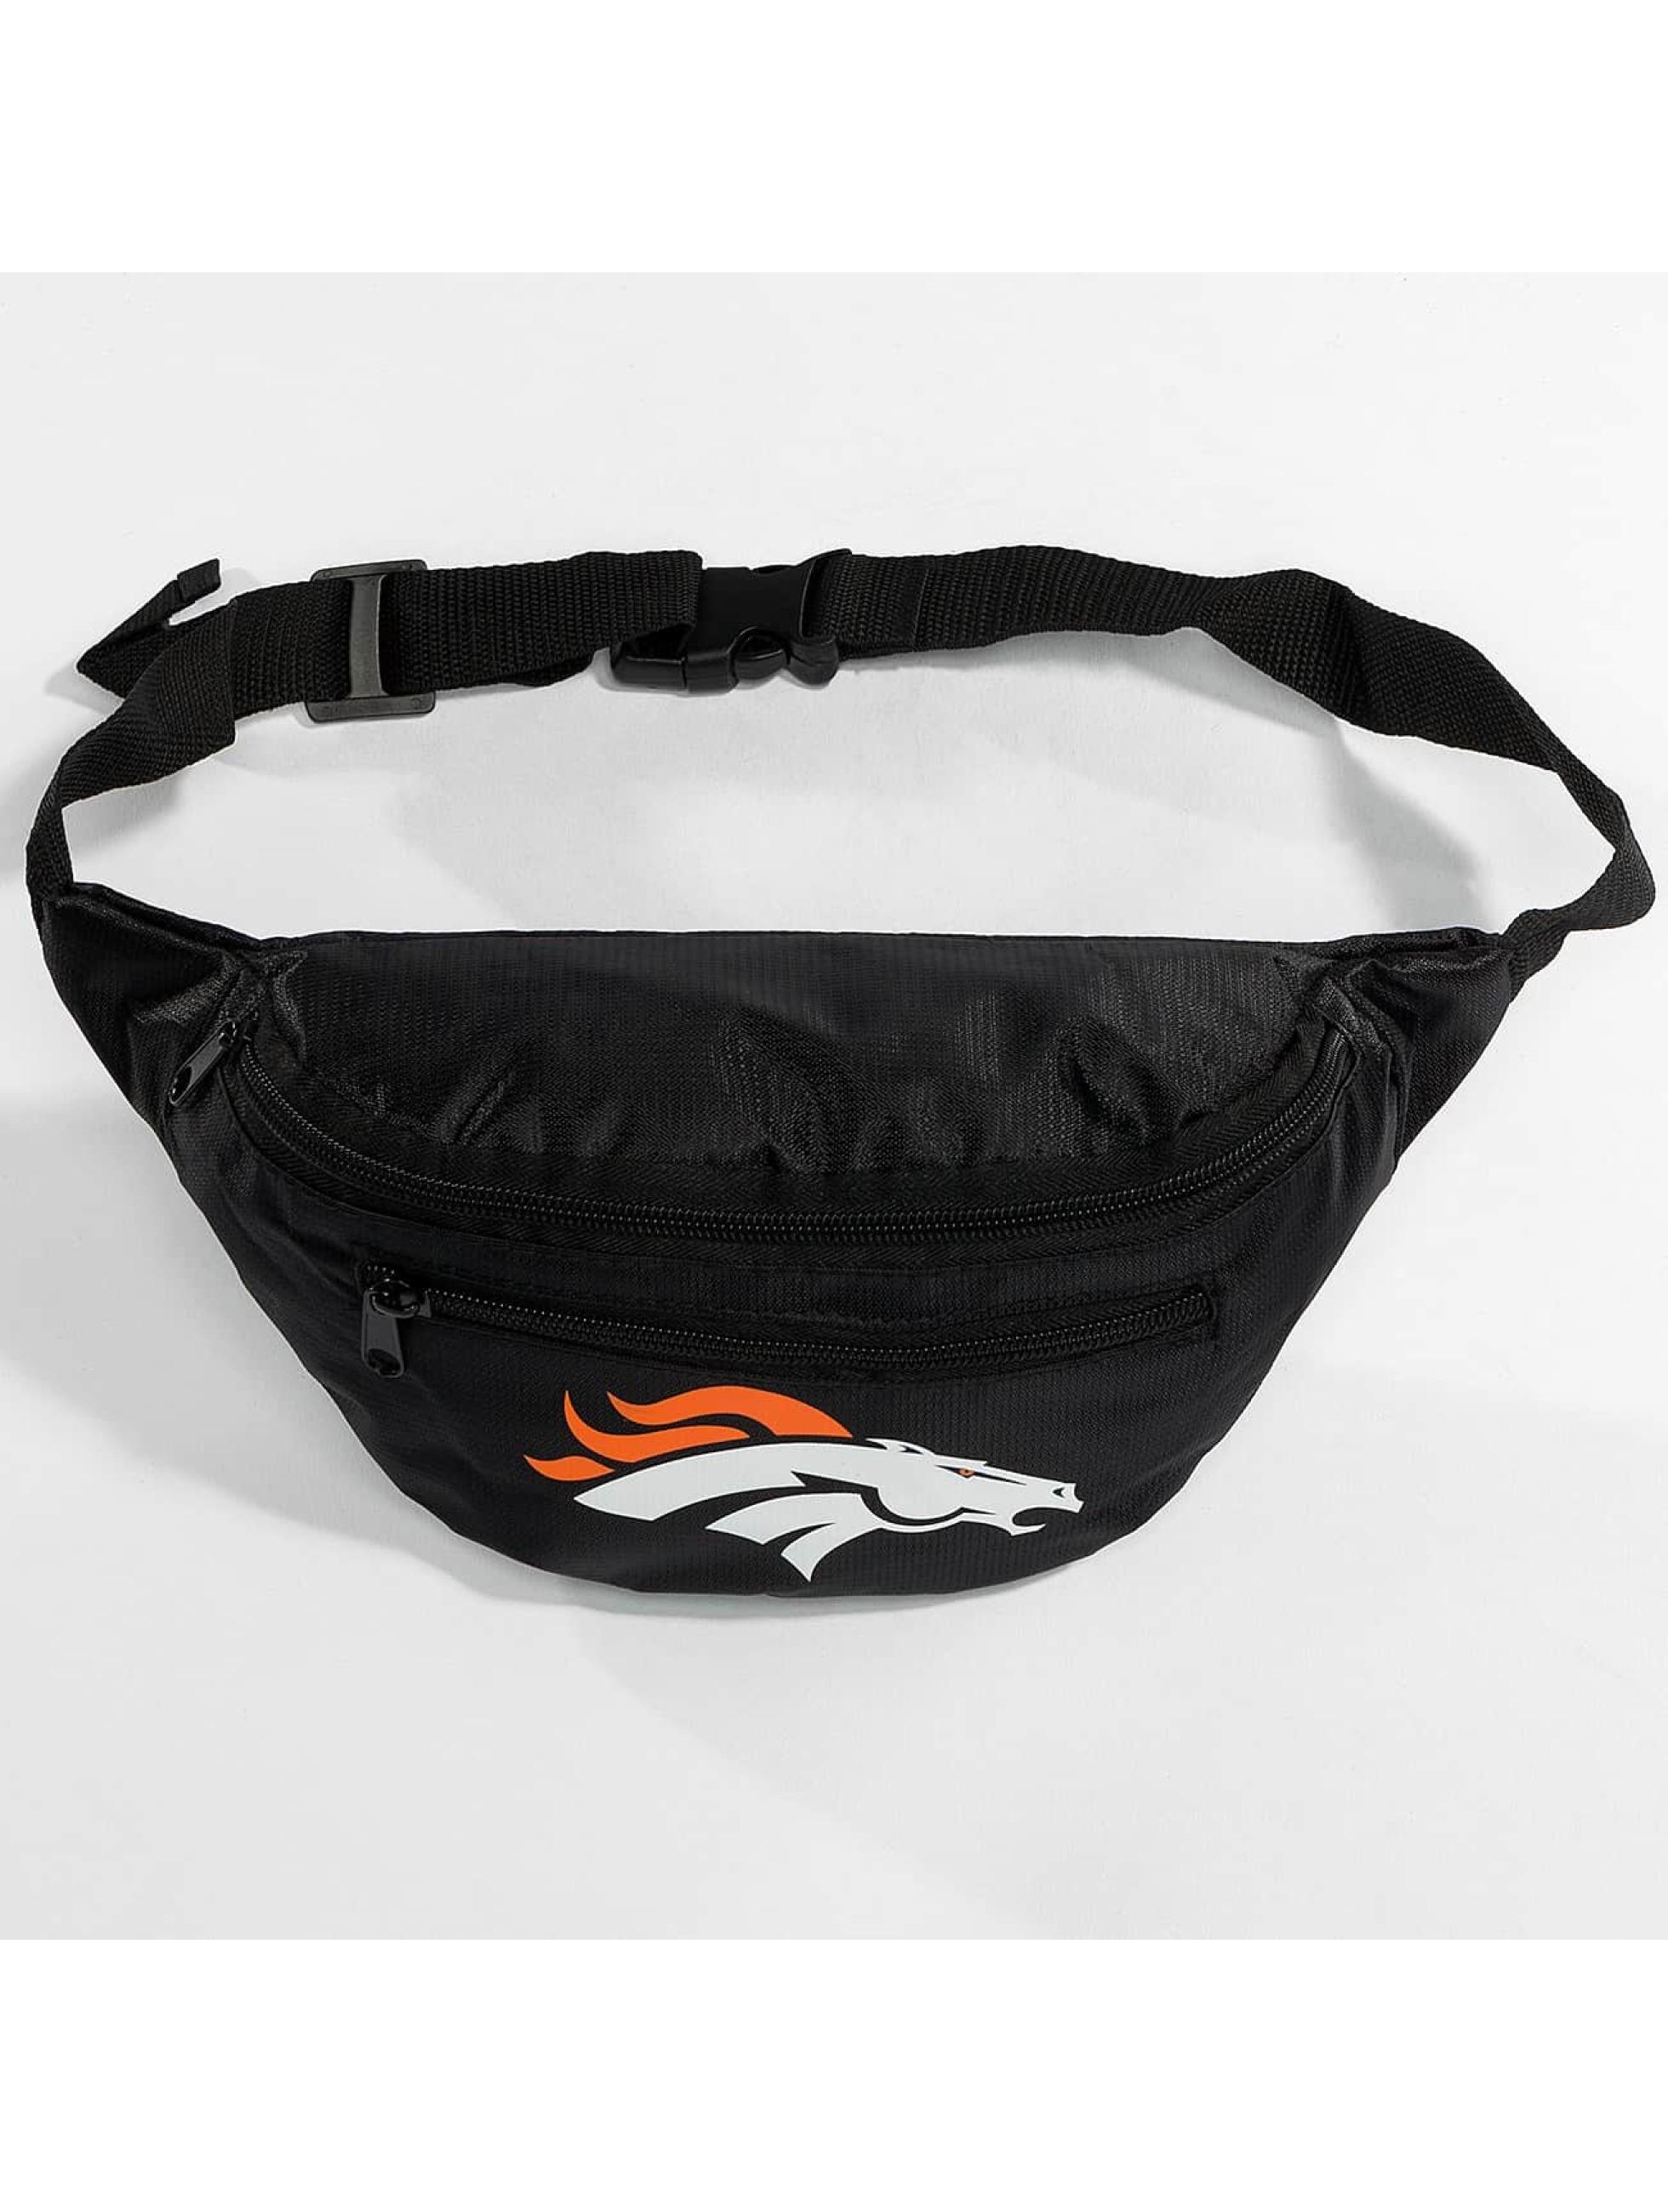 Forever Collectibles Taske/Sportstaske NFL Denver Broncos sort